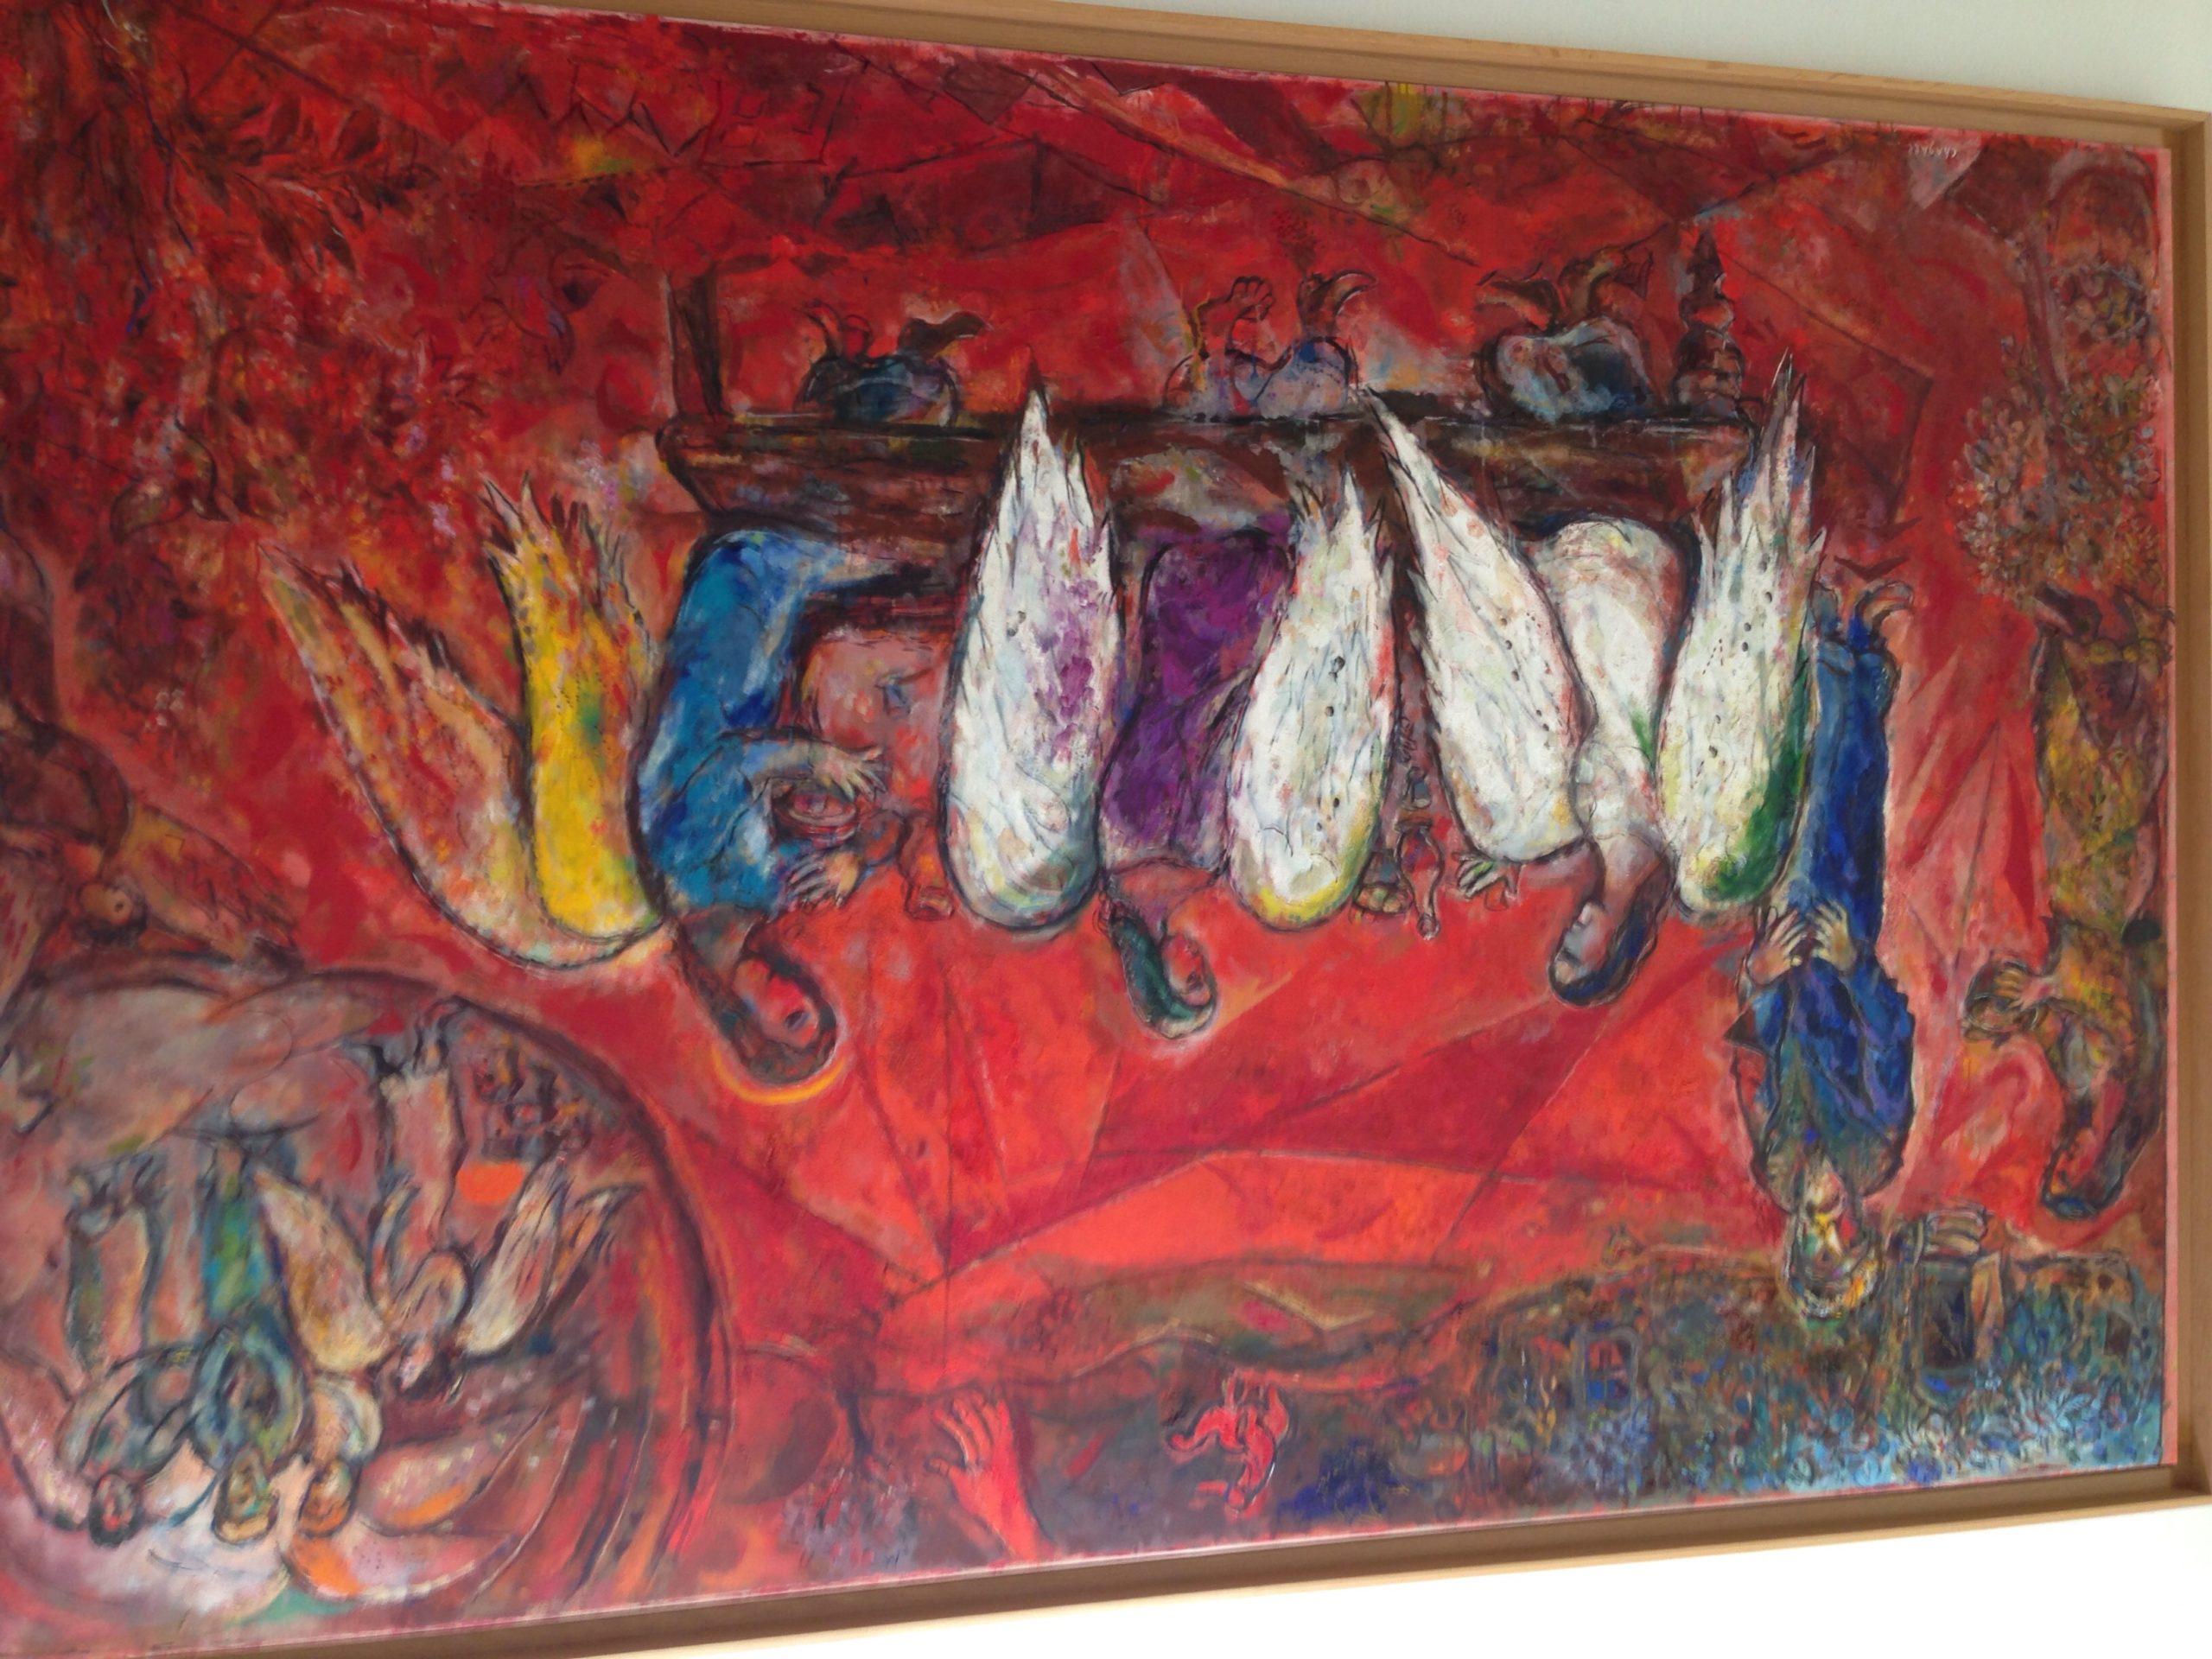 Национальный музей Марка Шагала (Musee National Marc Chagall)